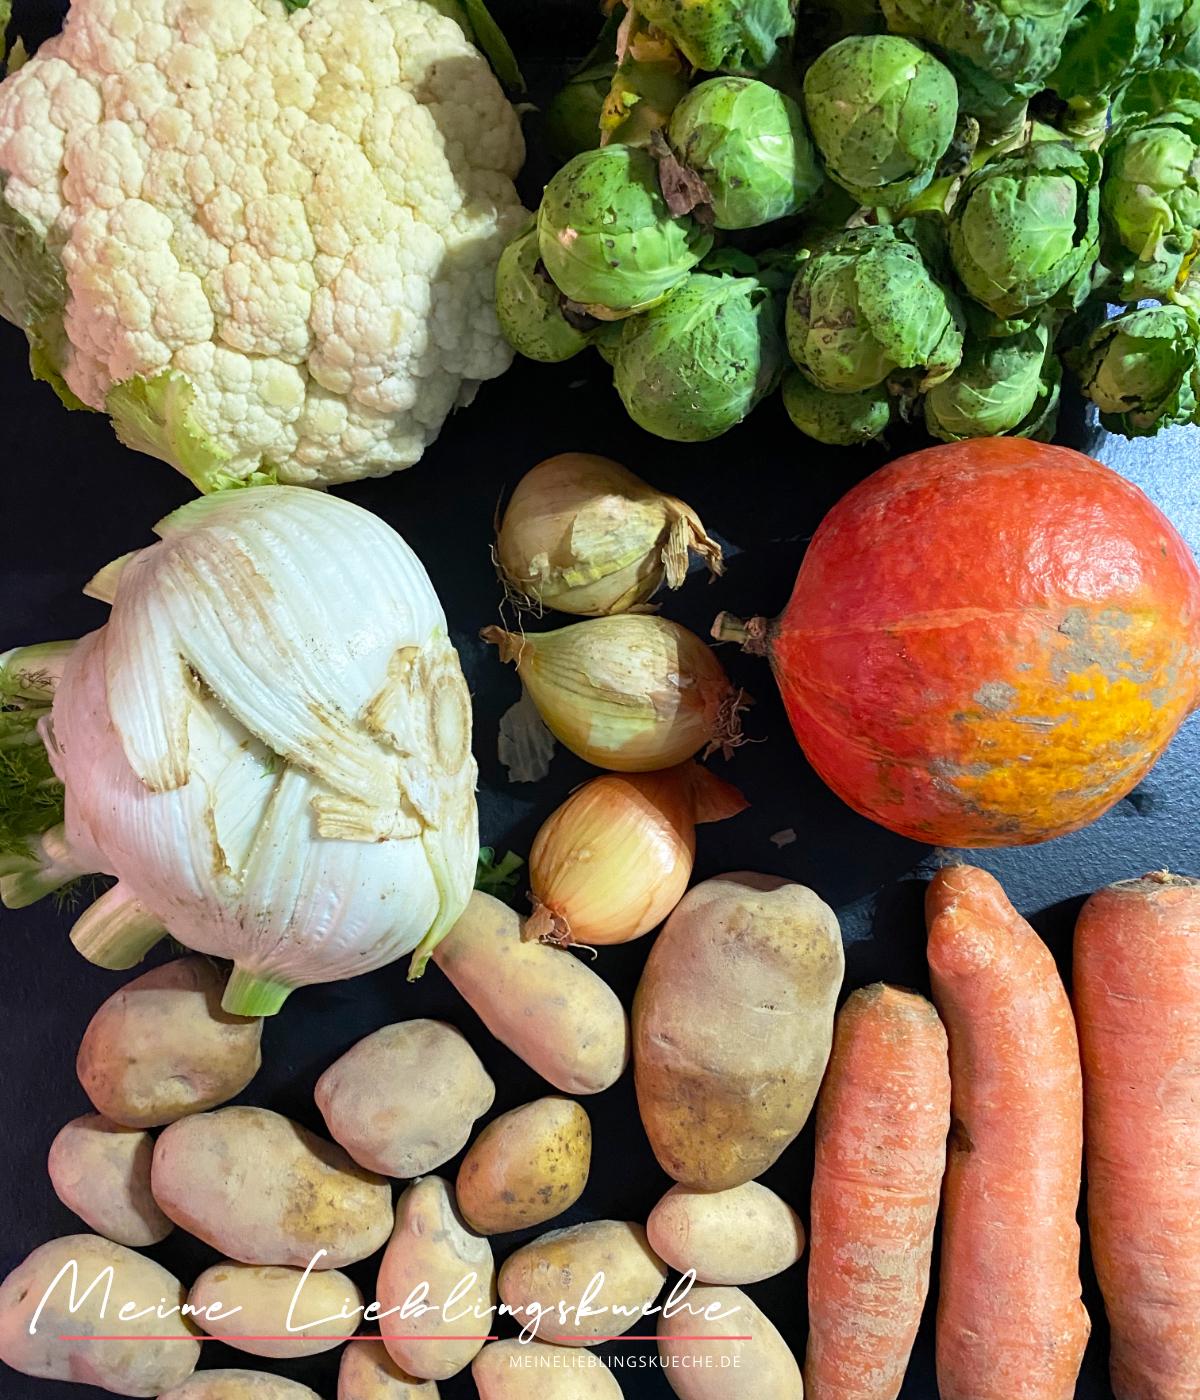 SoLaWi Gemüse Nürnberg